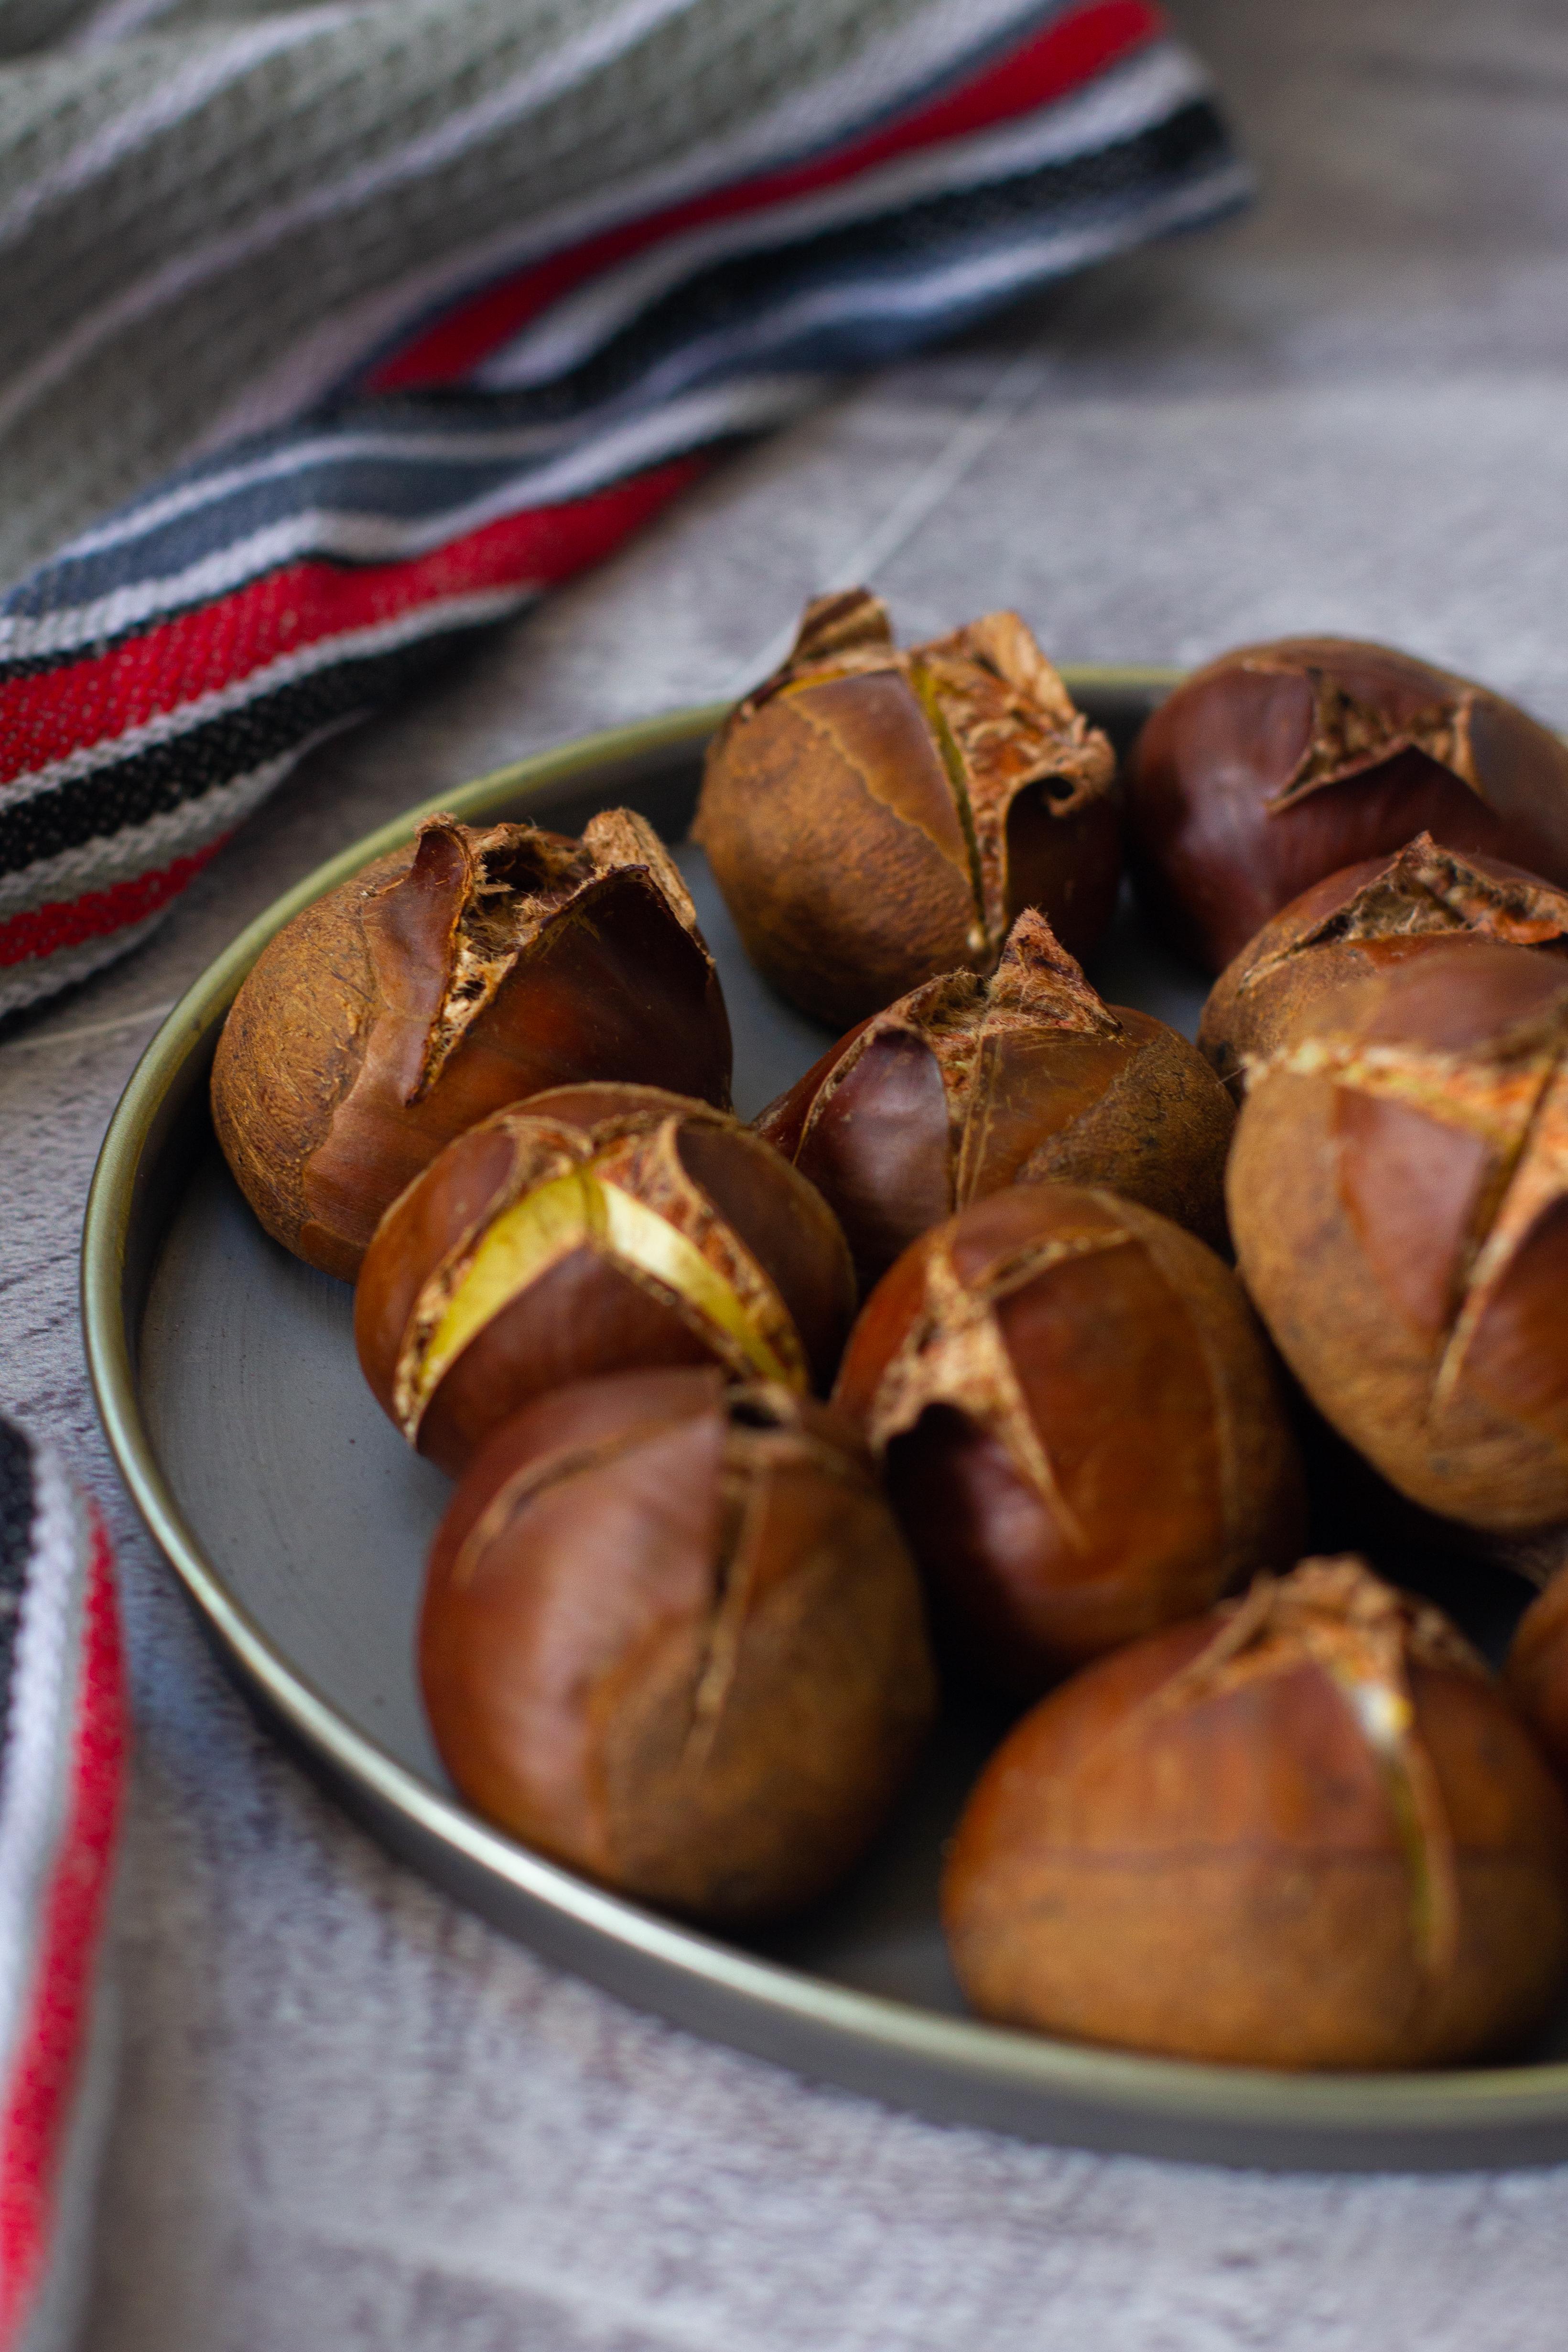 אוכל צמחוני (צילום: דניאלה נויפלד)